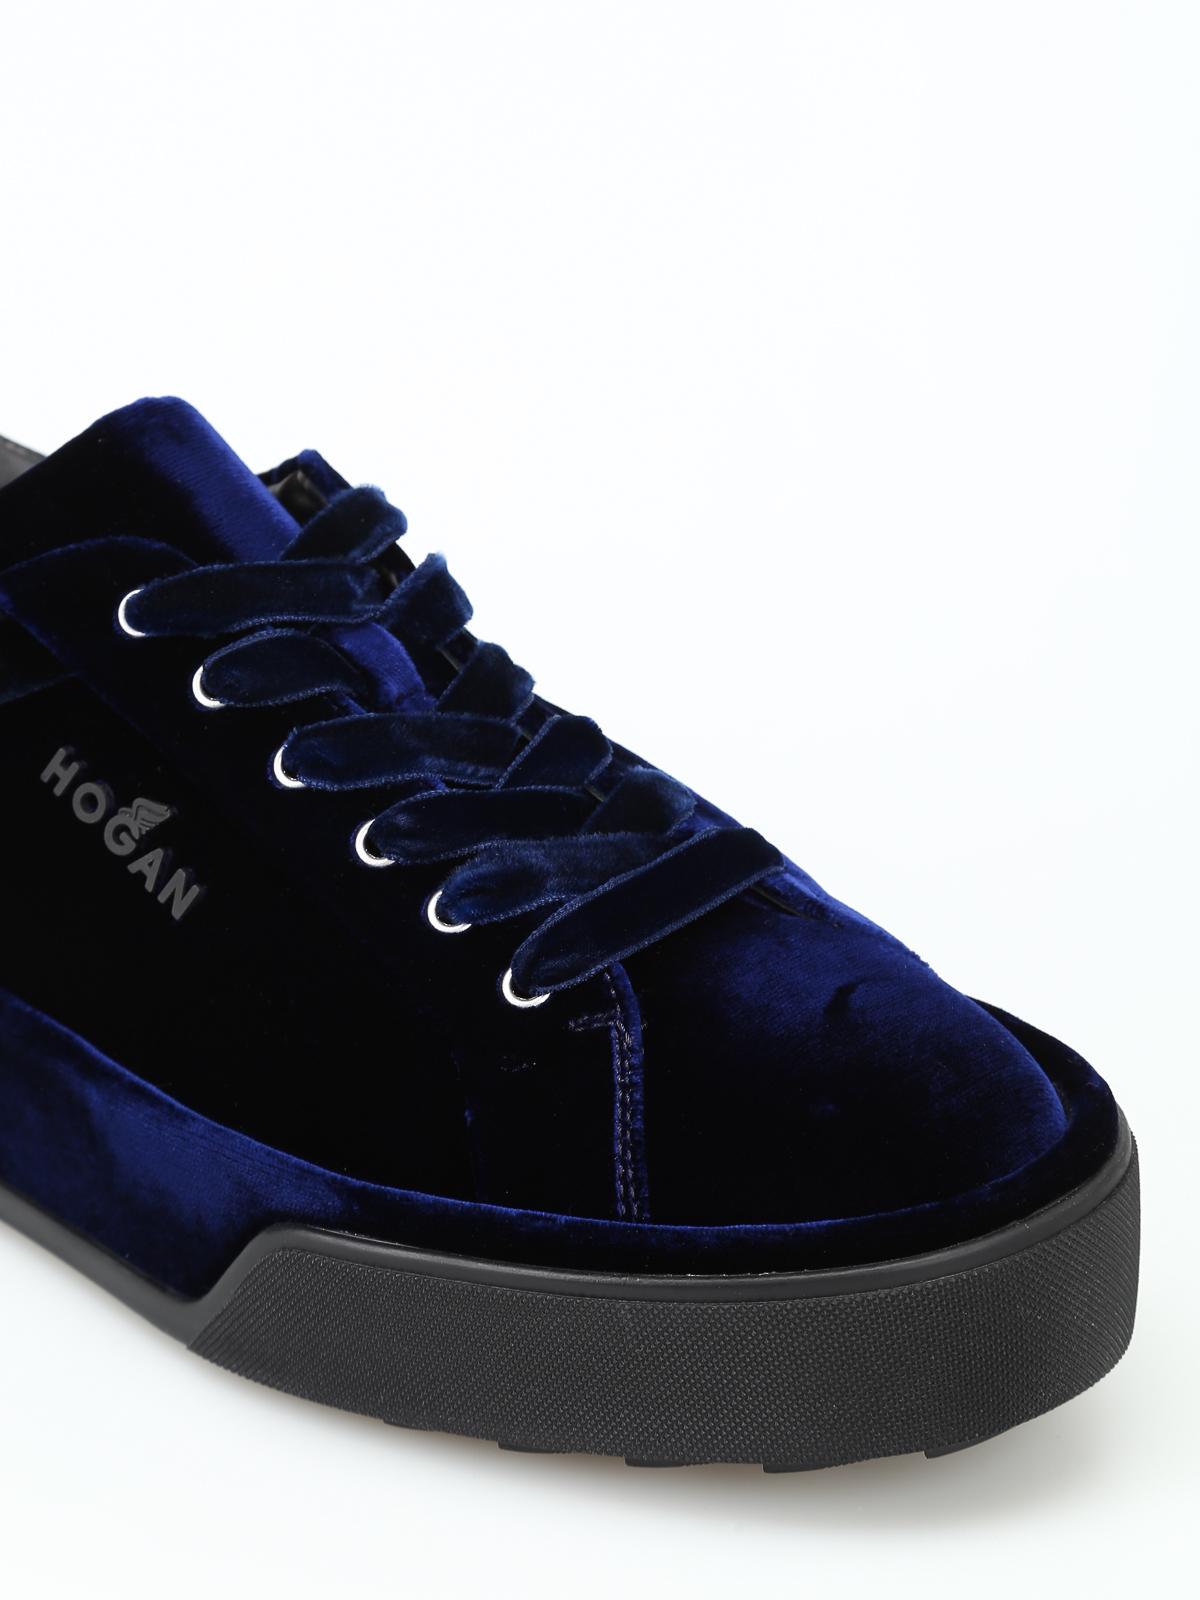 Hogan - R320 blue velvet sneakers